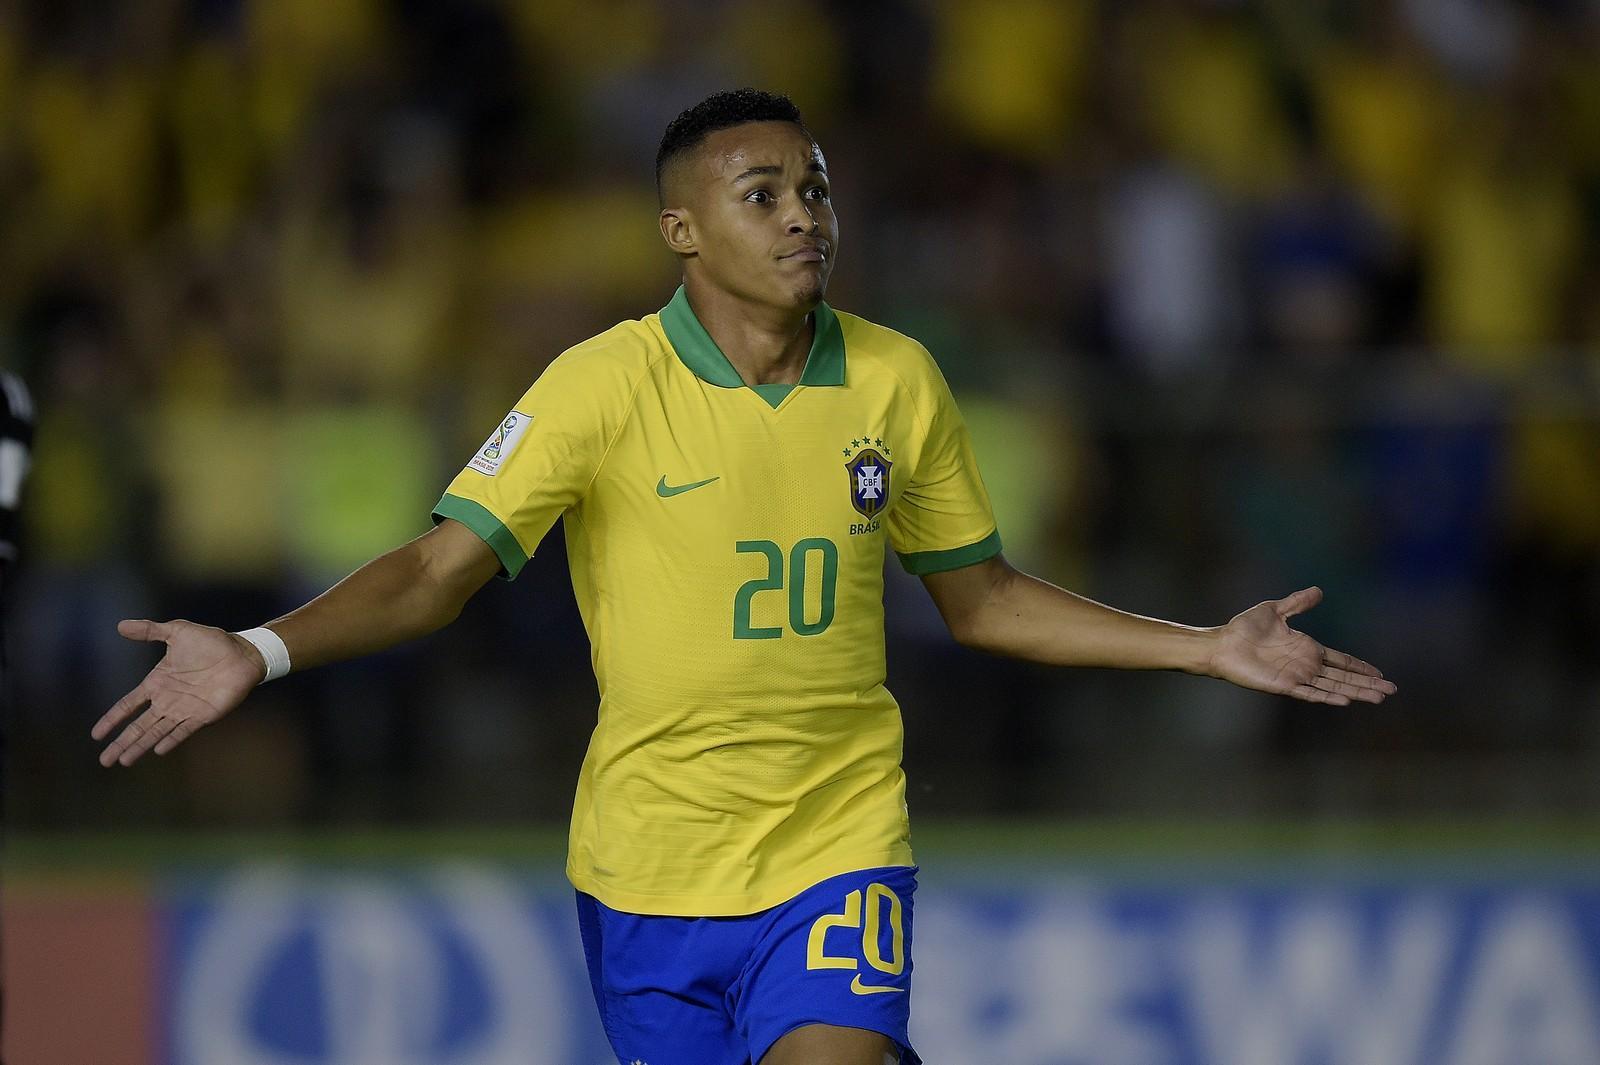 """Estrela na reta final, Lázaro pede espaço no Flamengo, mas diz: """"Ainda tenho muito esporro para levar"""""""